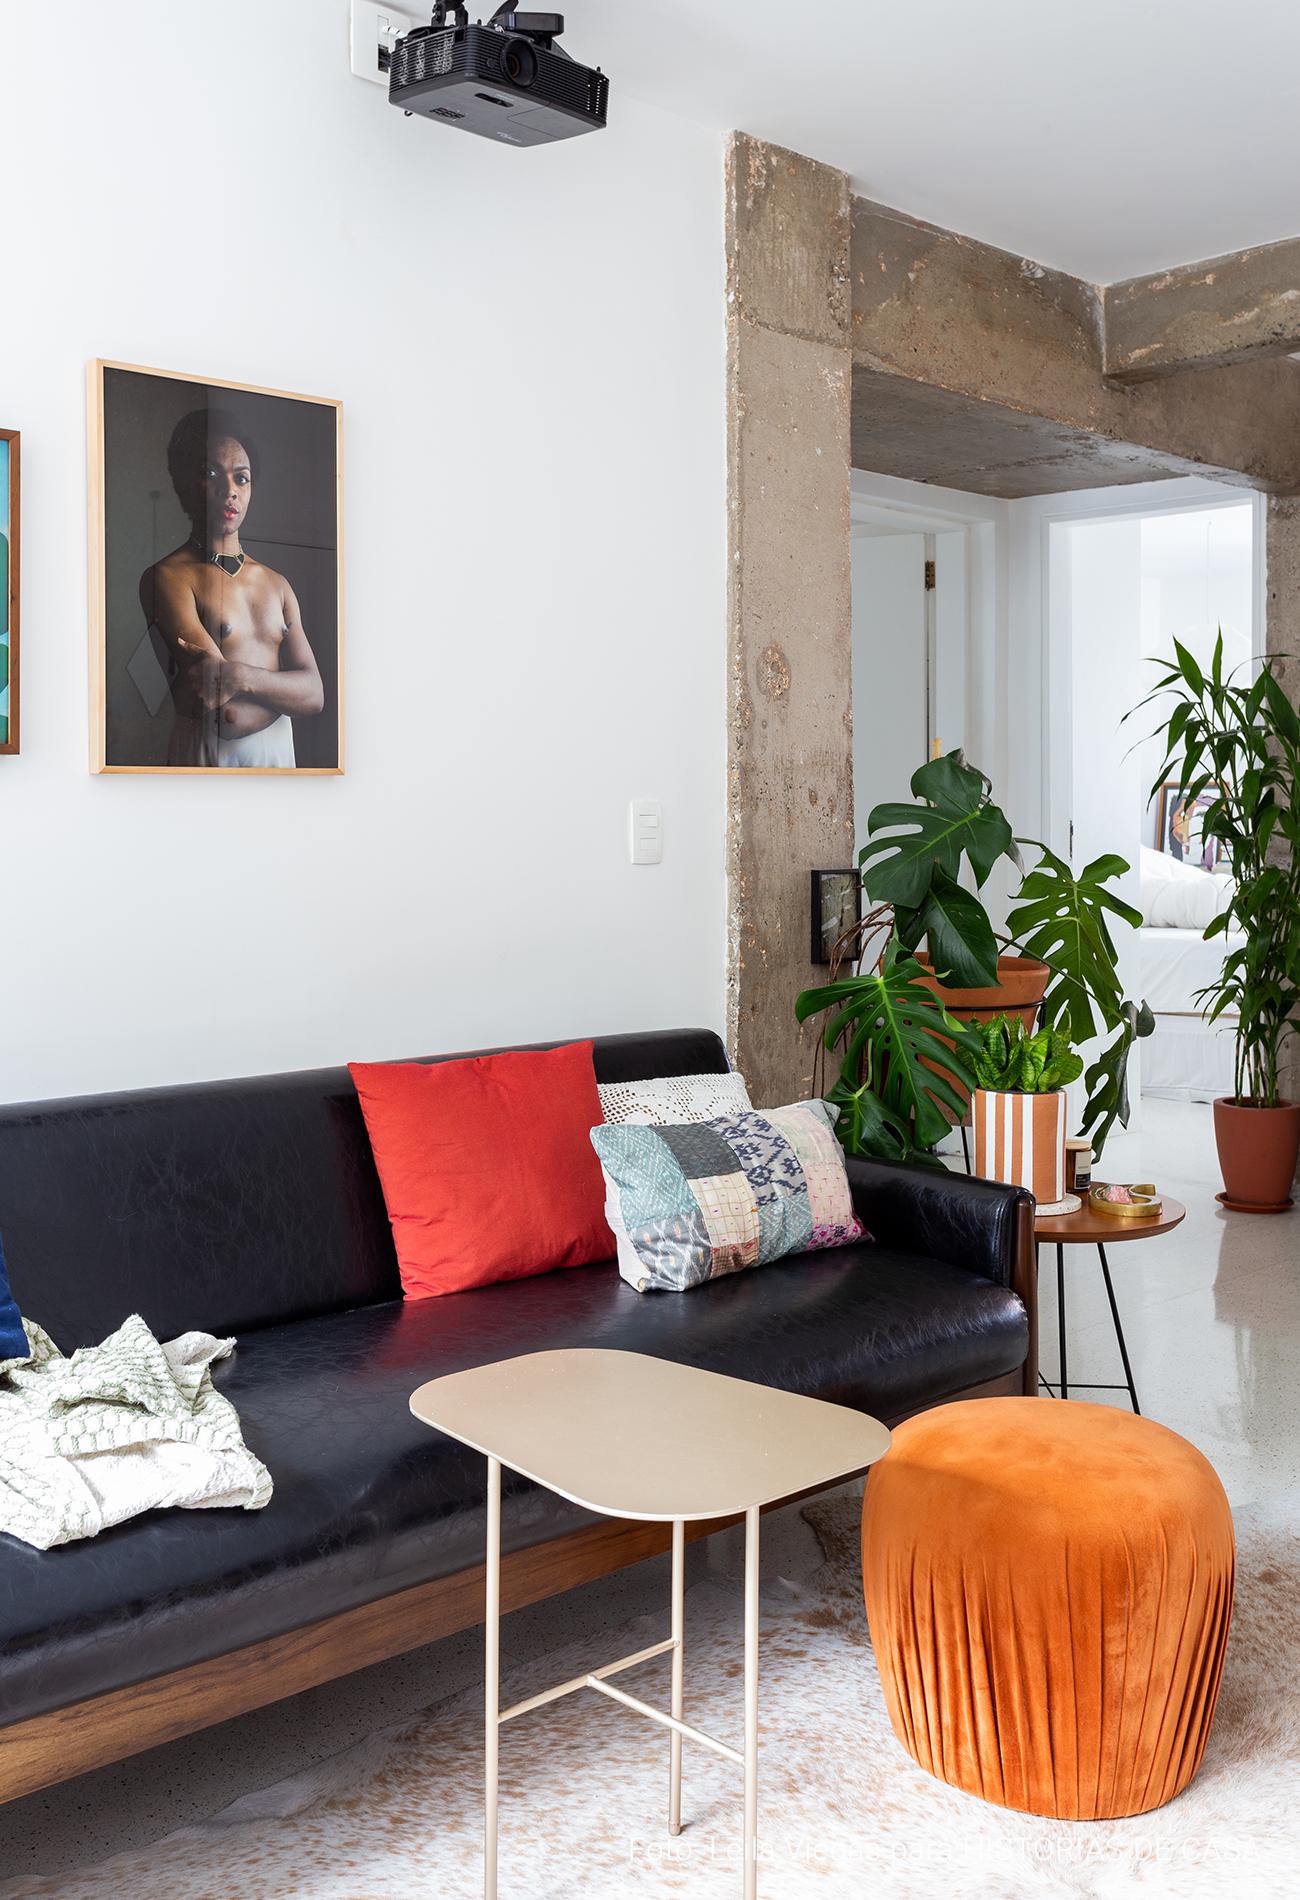 Apartamento com texturas naturais e cores claras